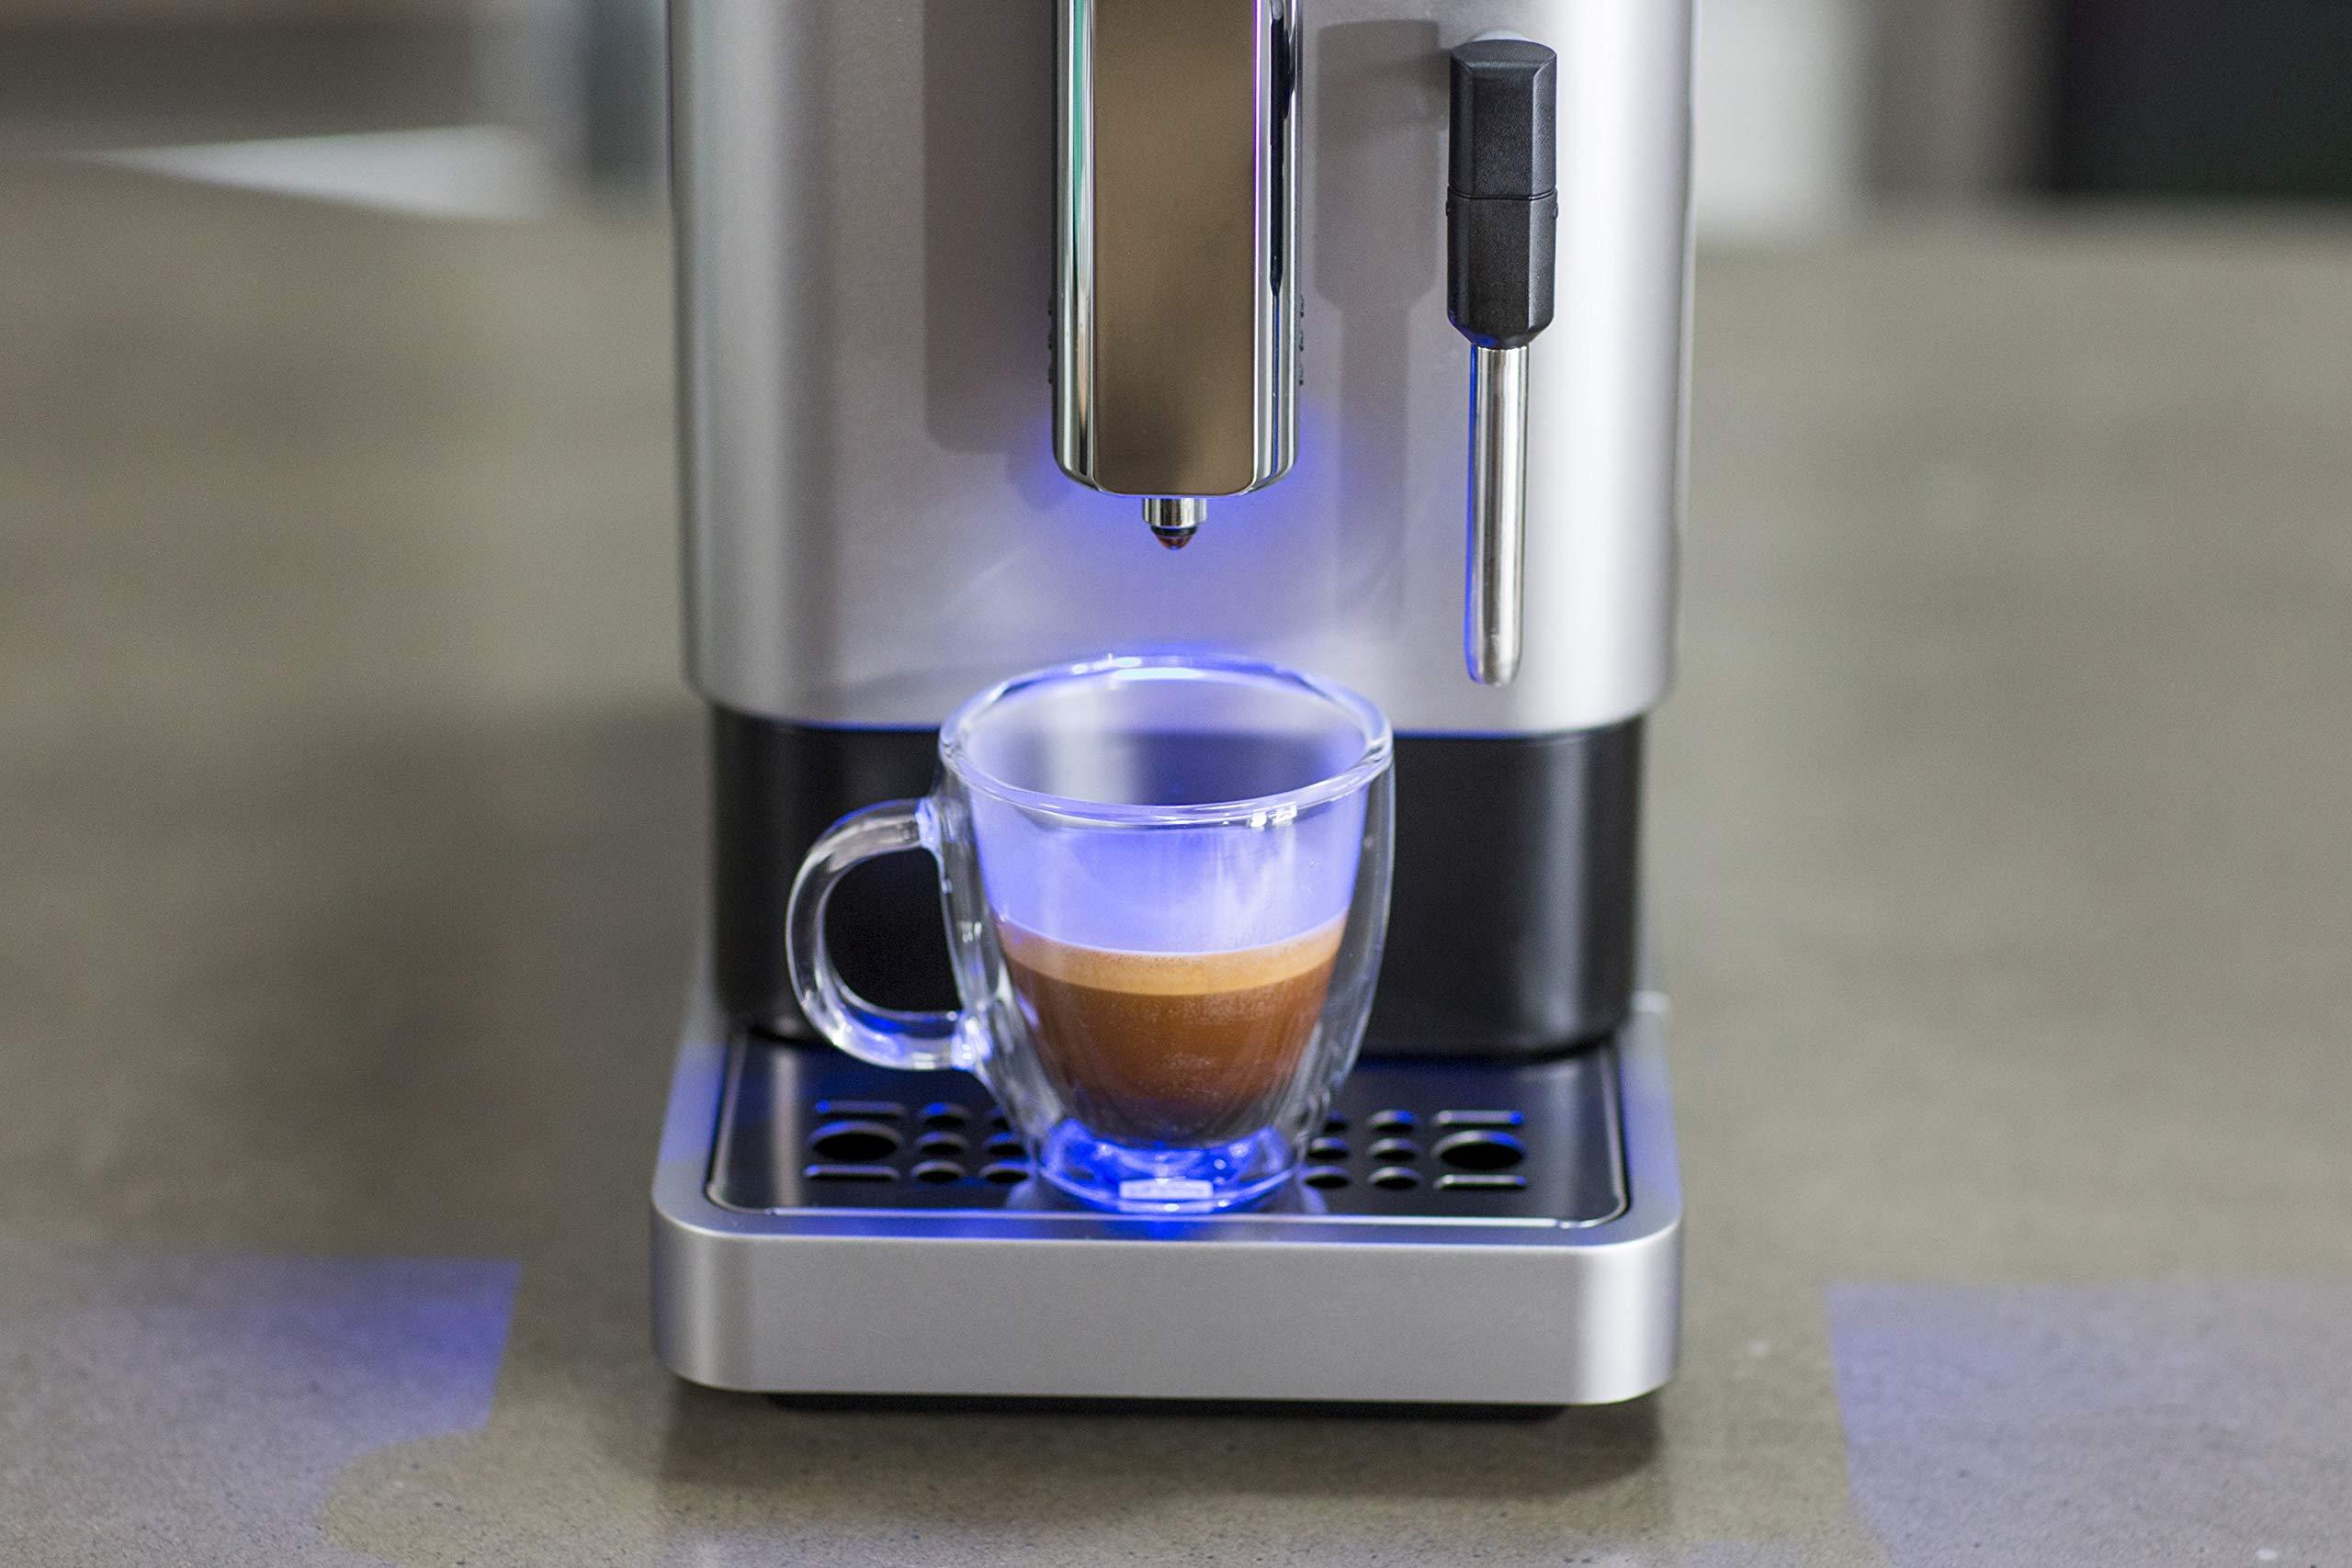 Espressione 8212S Fully Automatic Espresso Machine Silver by Espressione (Image #4)